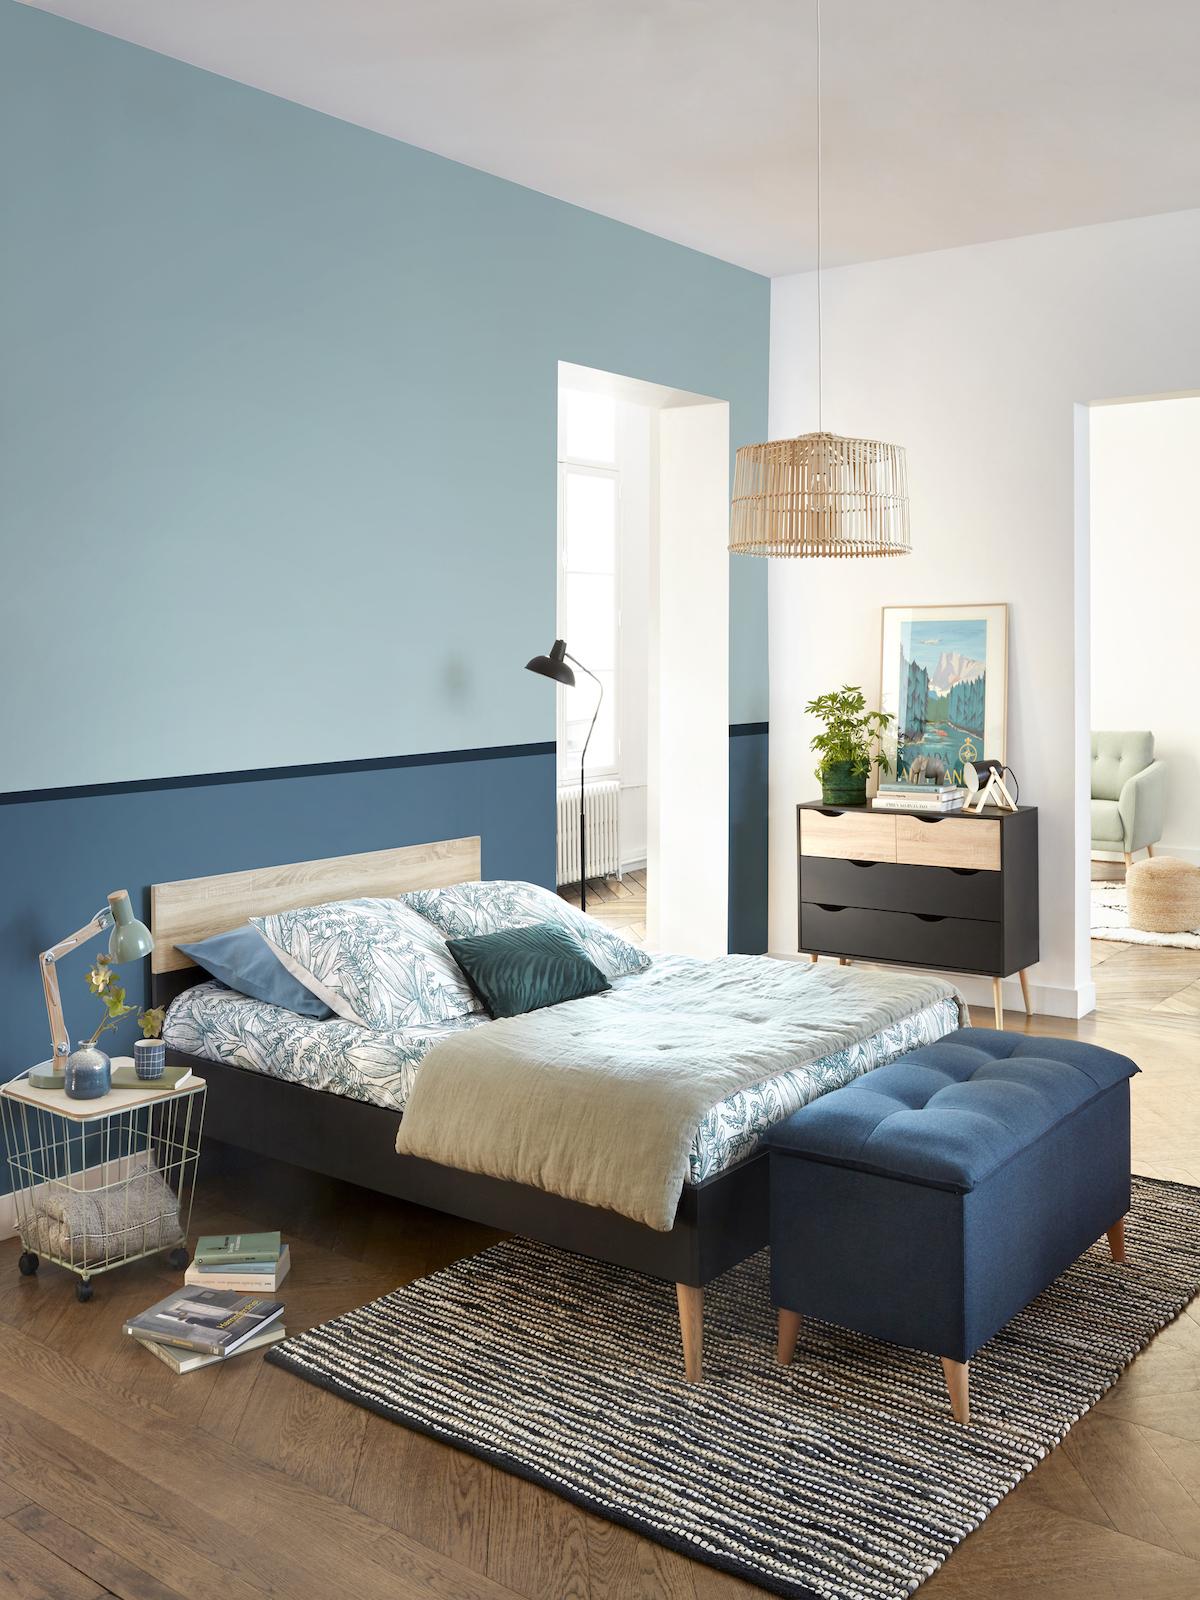 chambre ado garcon design bleu mur bicolore deco moderne